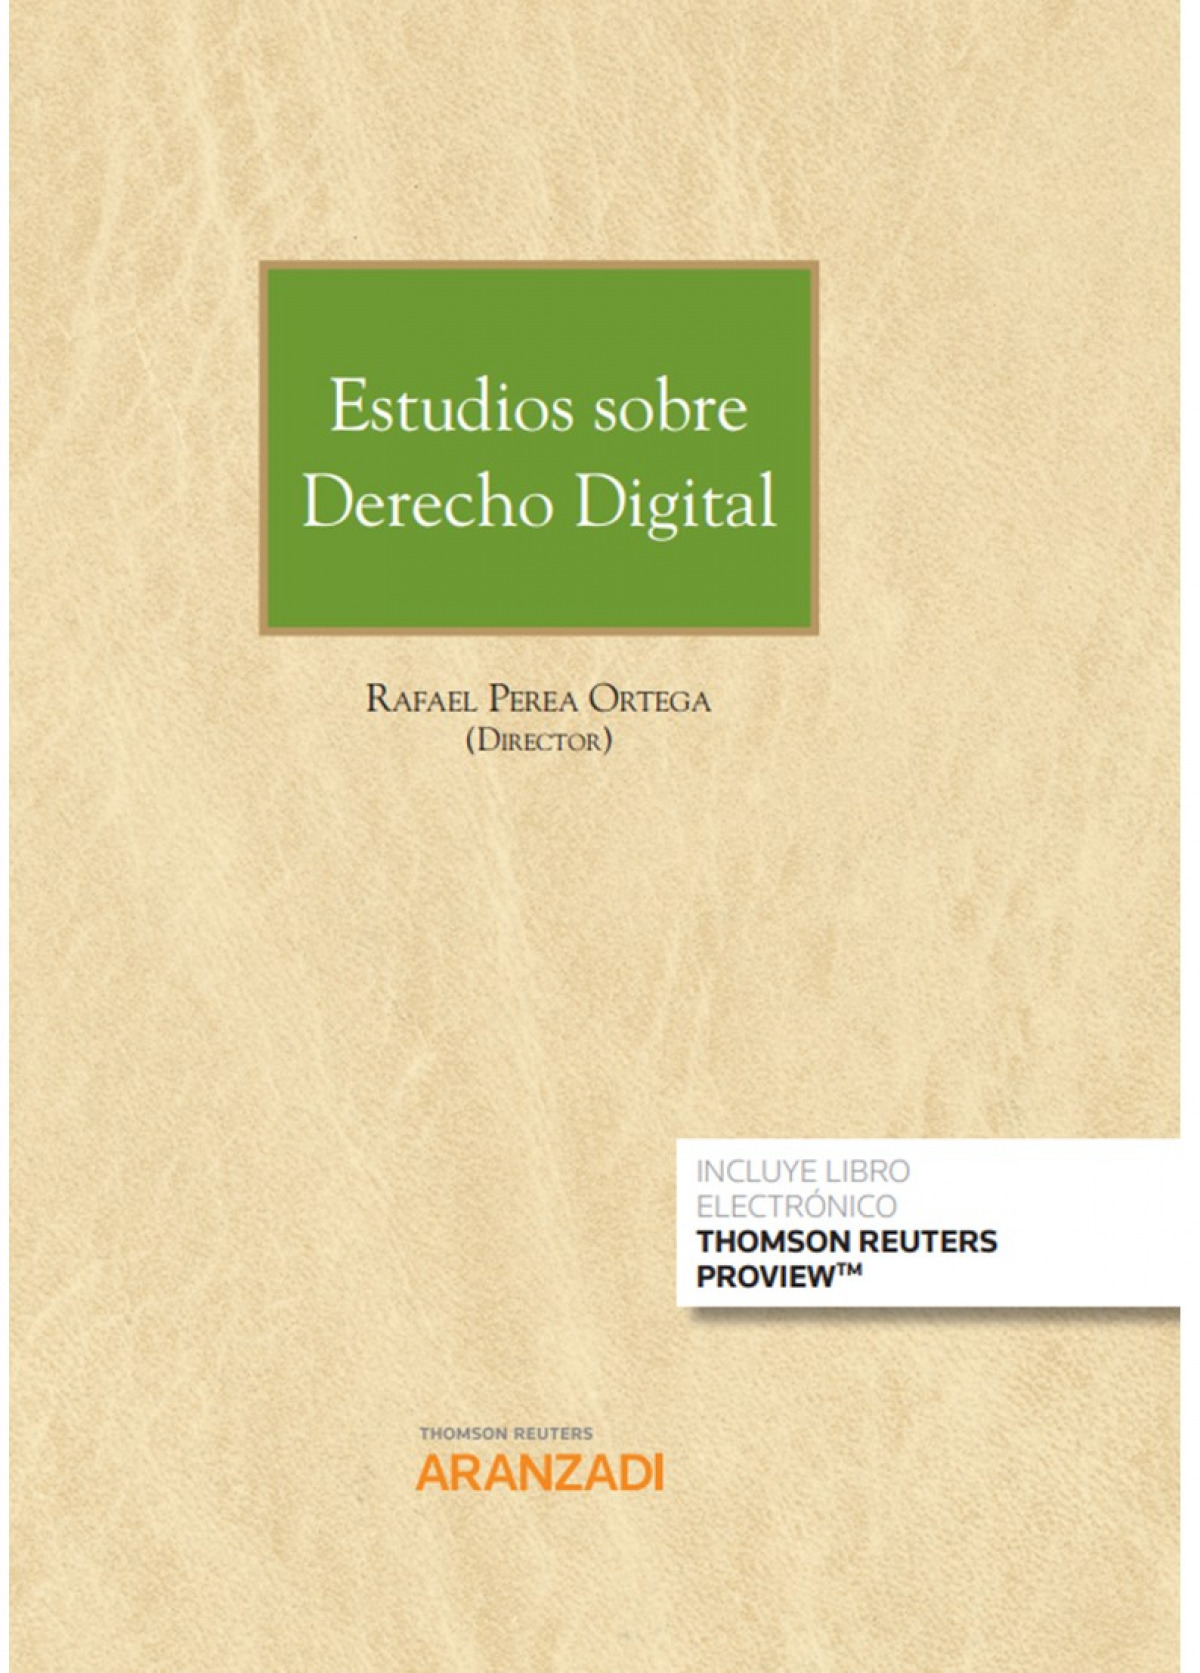 ESTUDIOS SOBRE DERECHO DIGITAL DUO 9788413451732